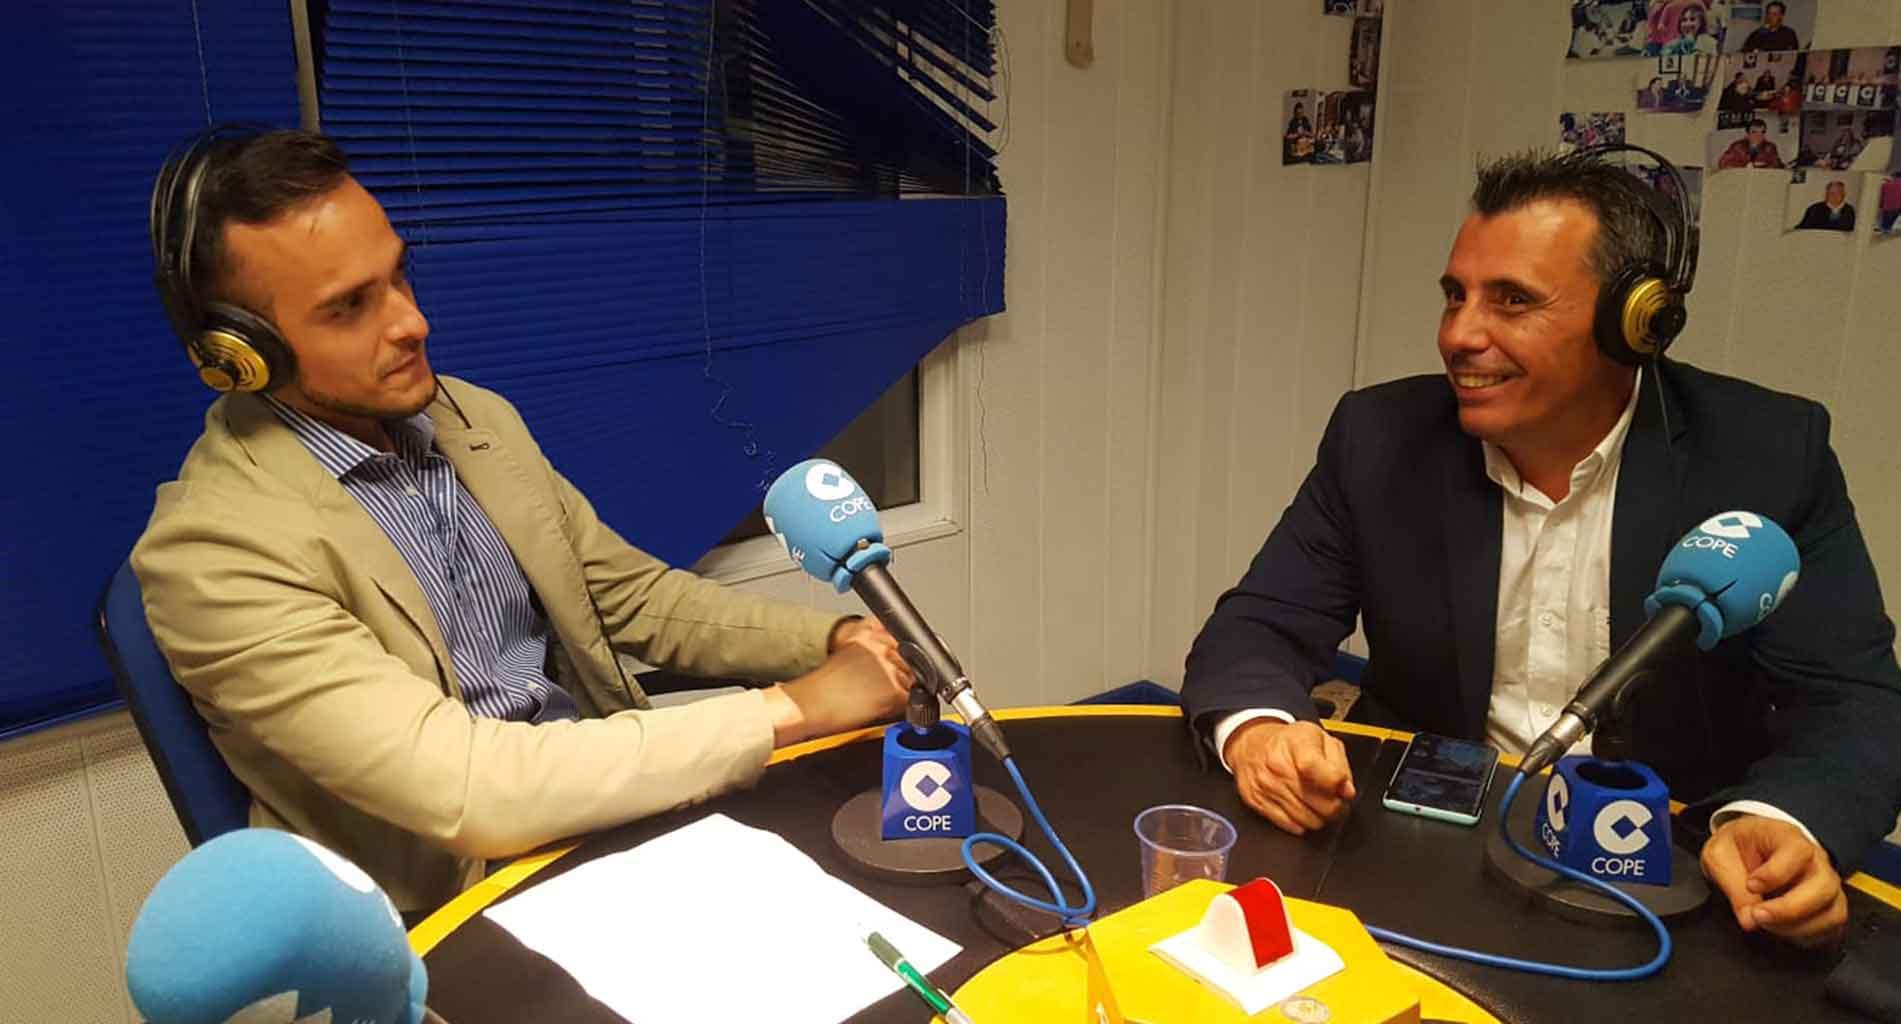 Entrevista en el programa Psicoeducando de la Cope - Tratamiento de las adicciones con Fundación Jorge Talavera